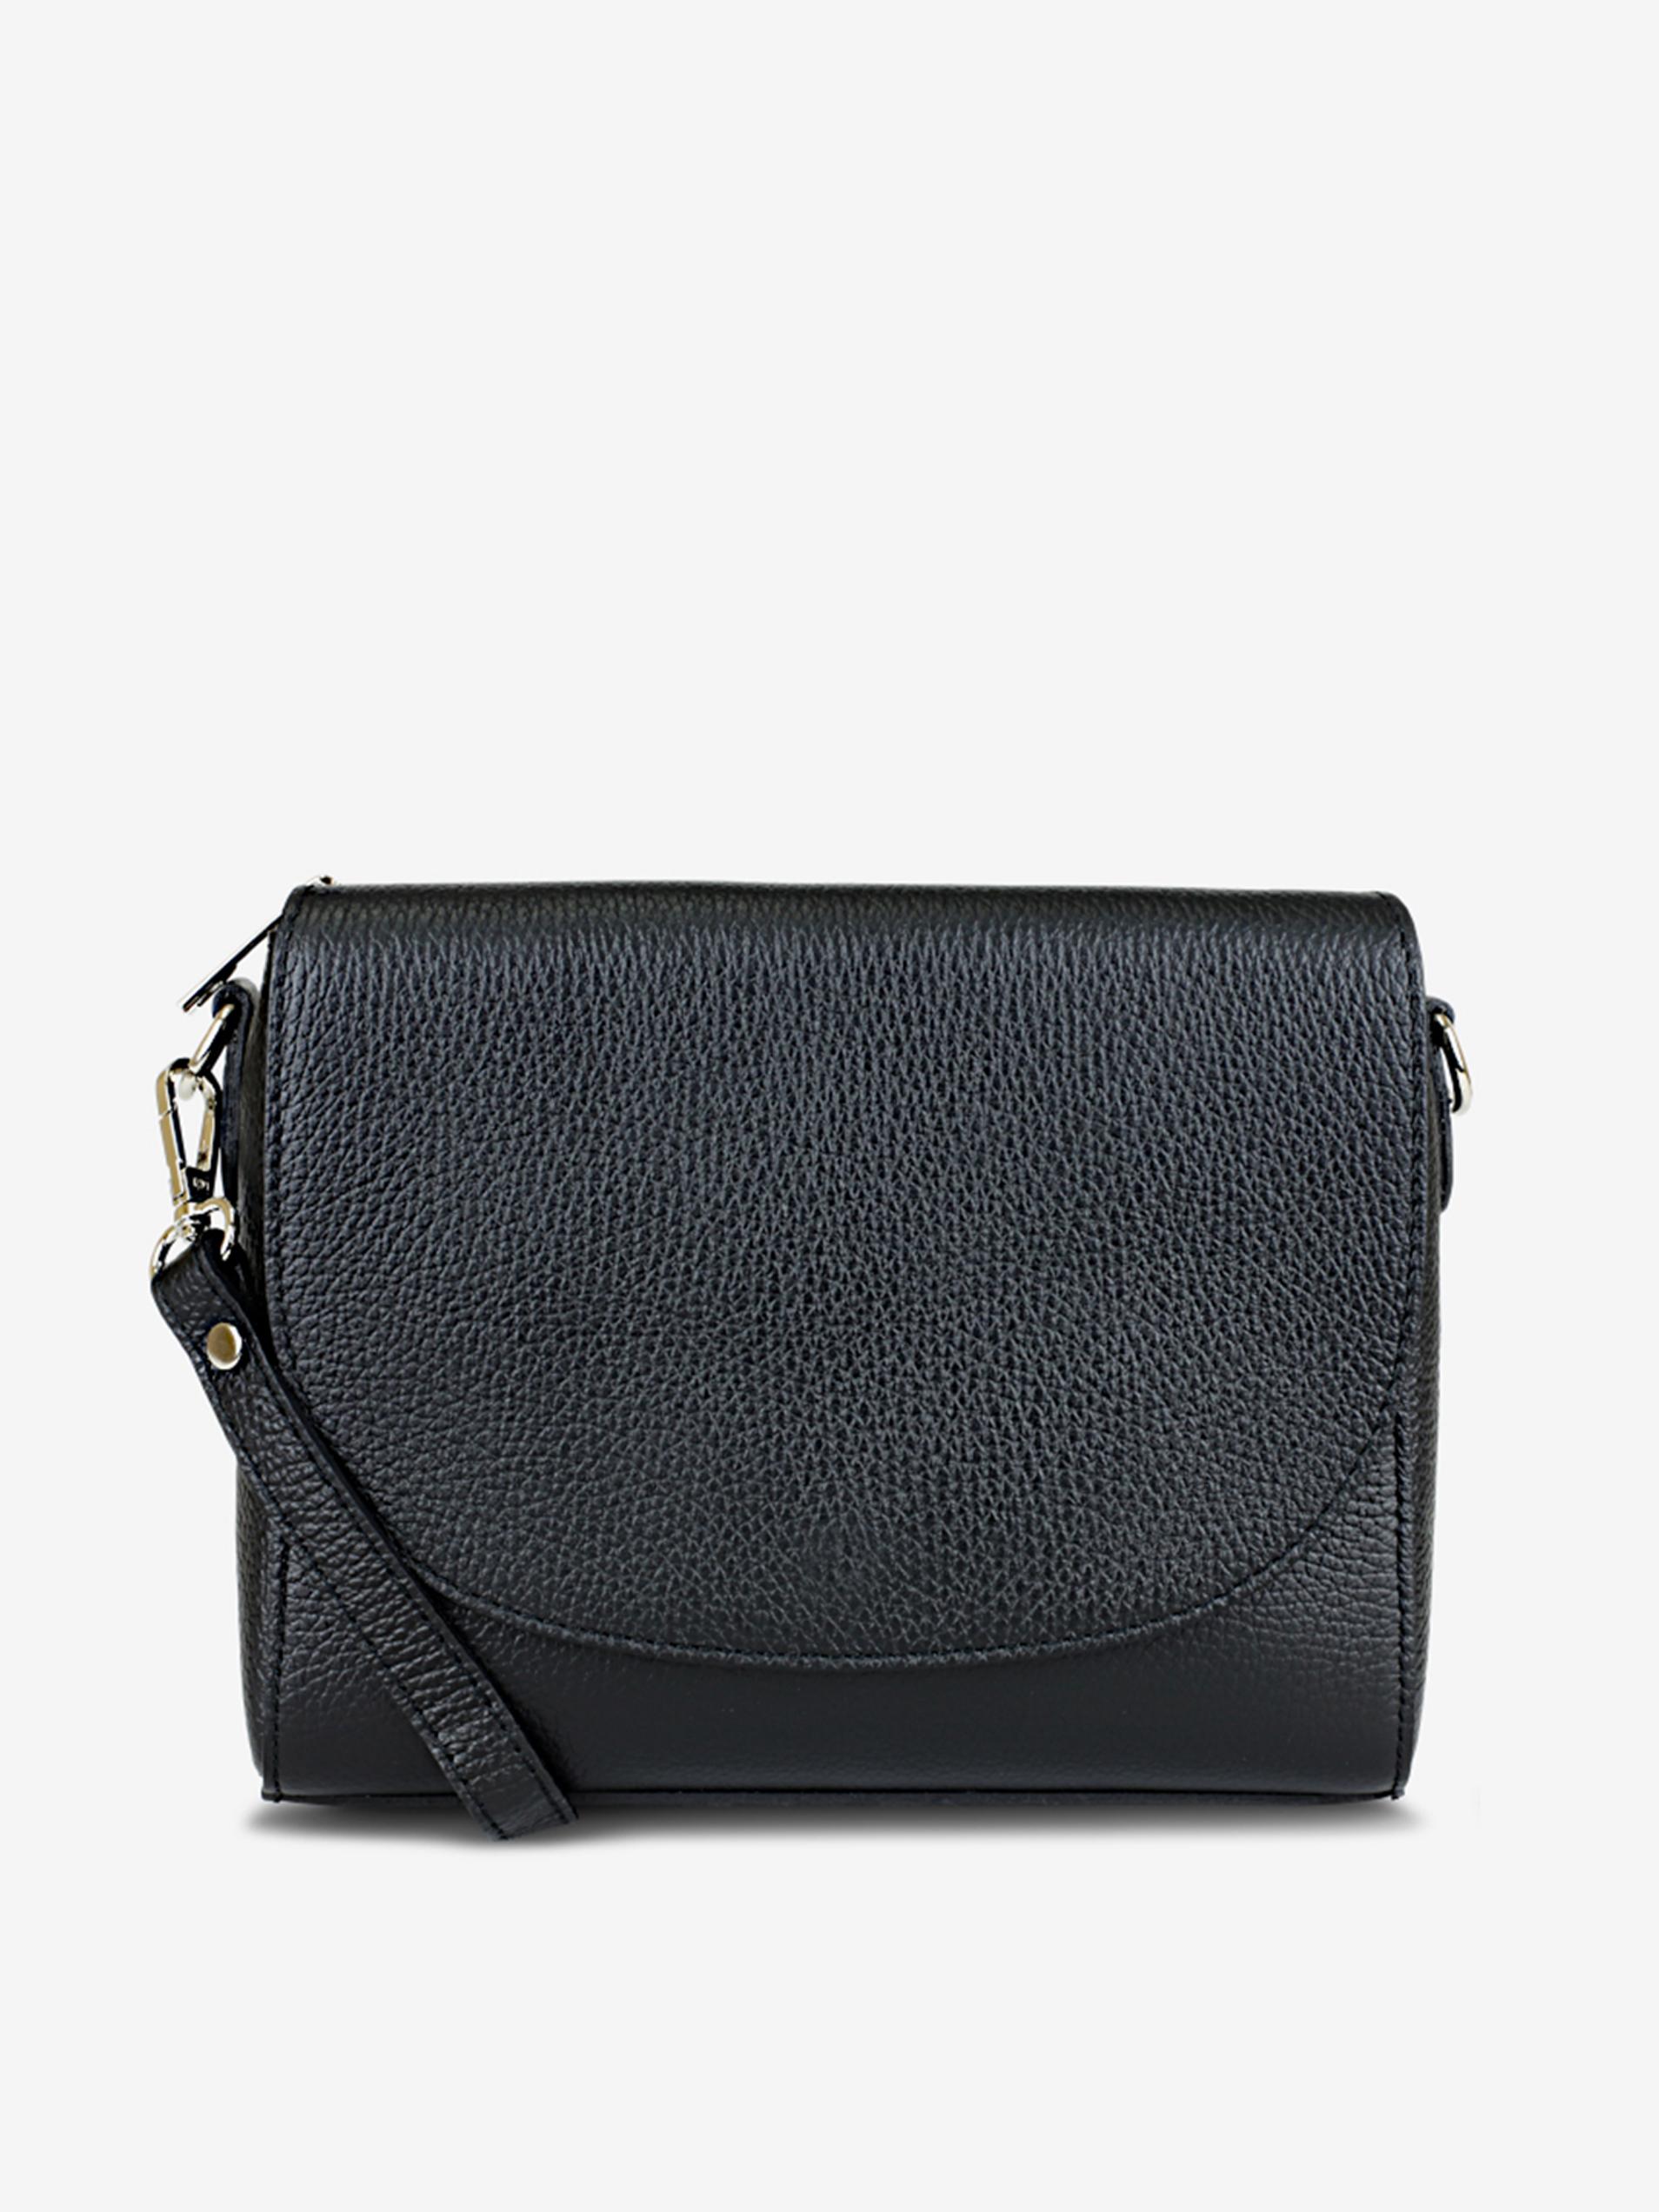 Čierna dámska kožená crossbody kabelka KARA